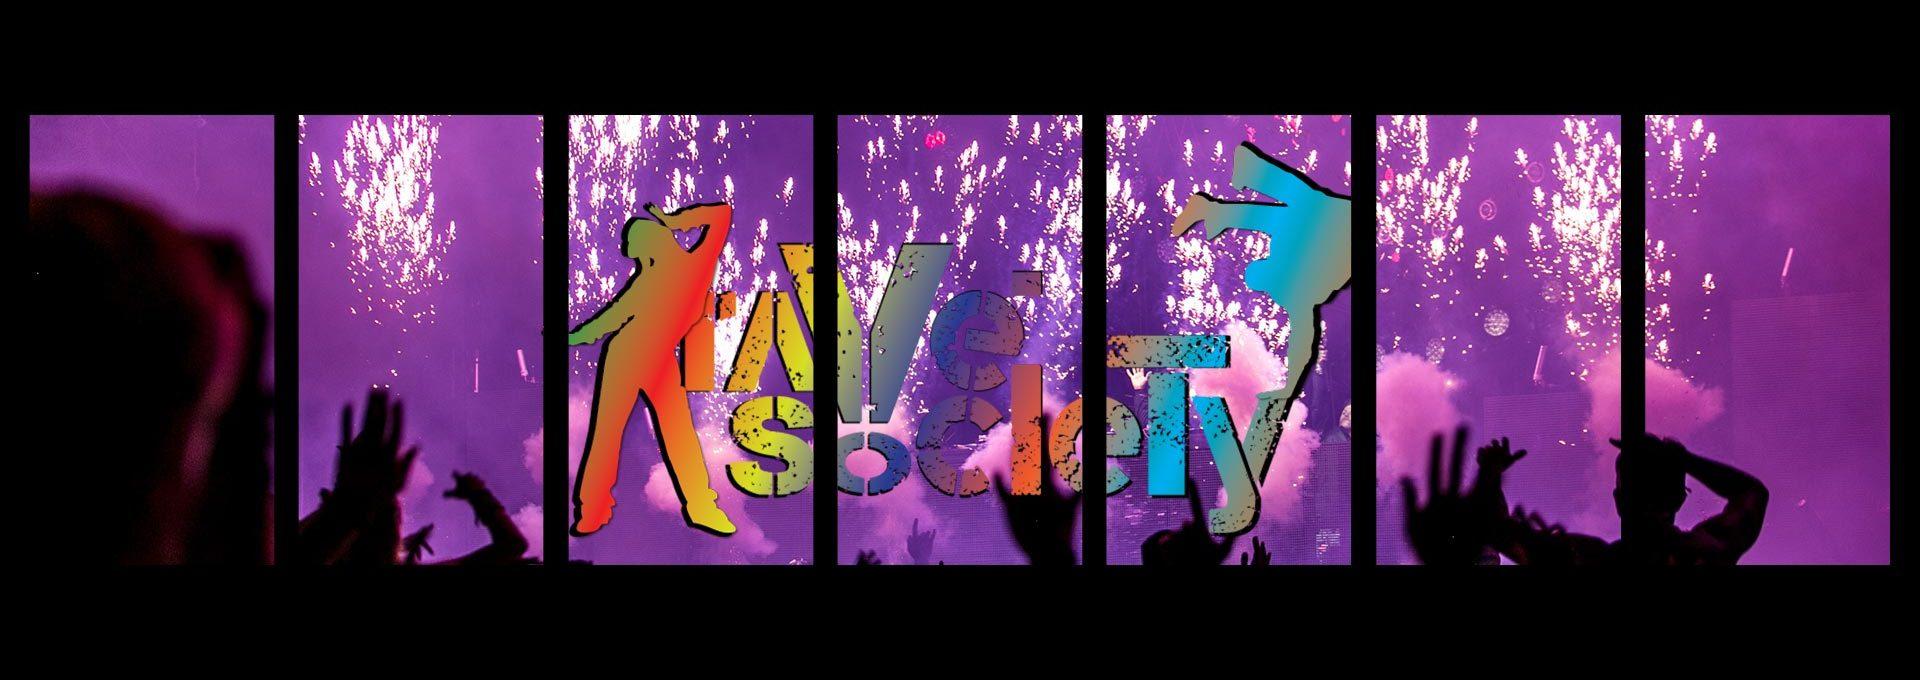 Rave Society